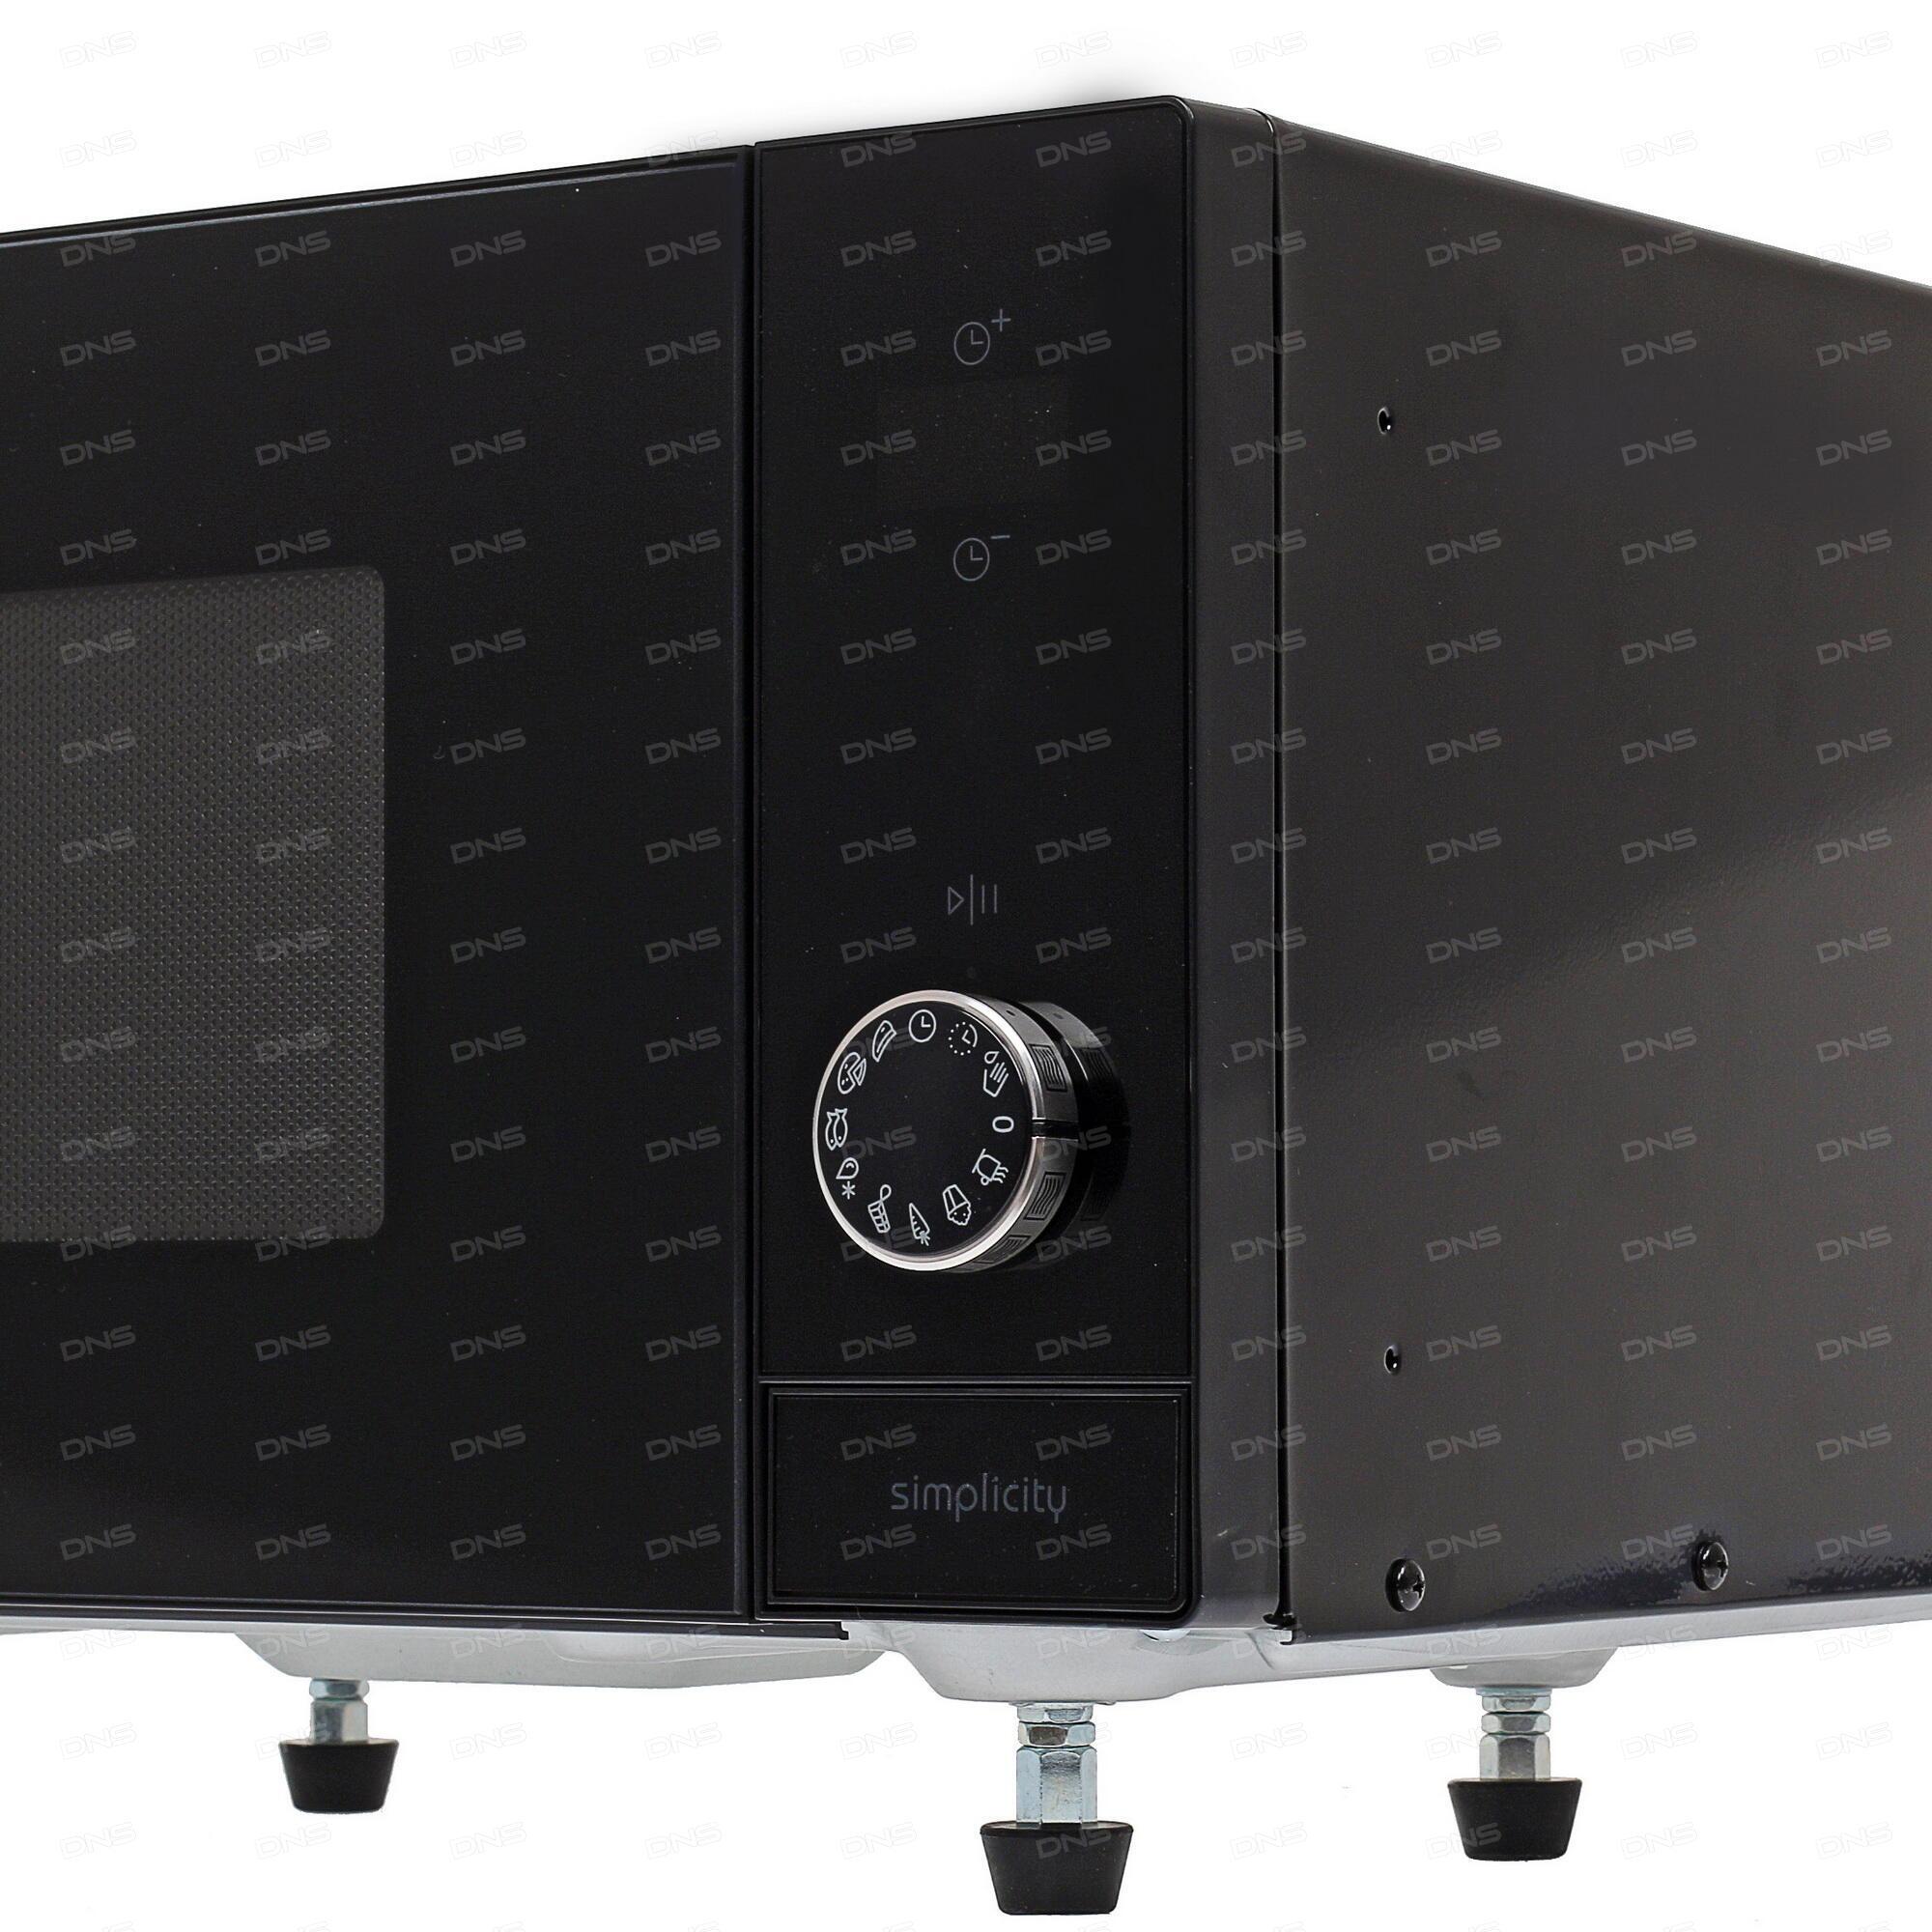 Микроволновая печь Gorenje BM201EG1BG черный купить в ...